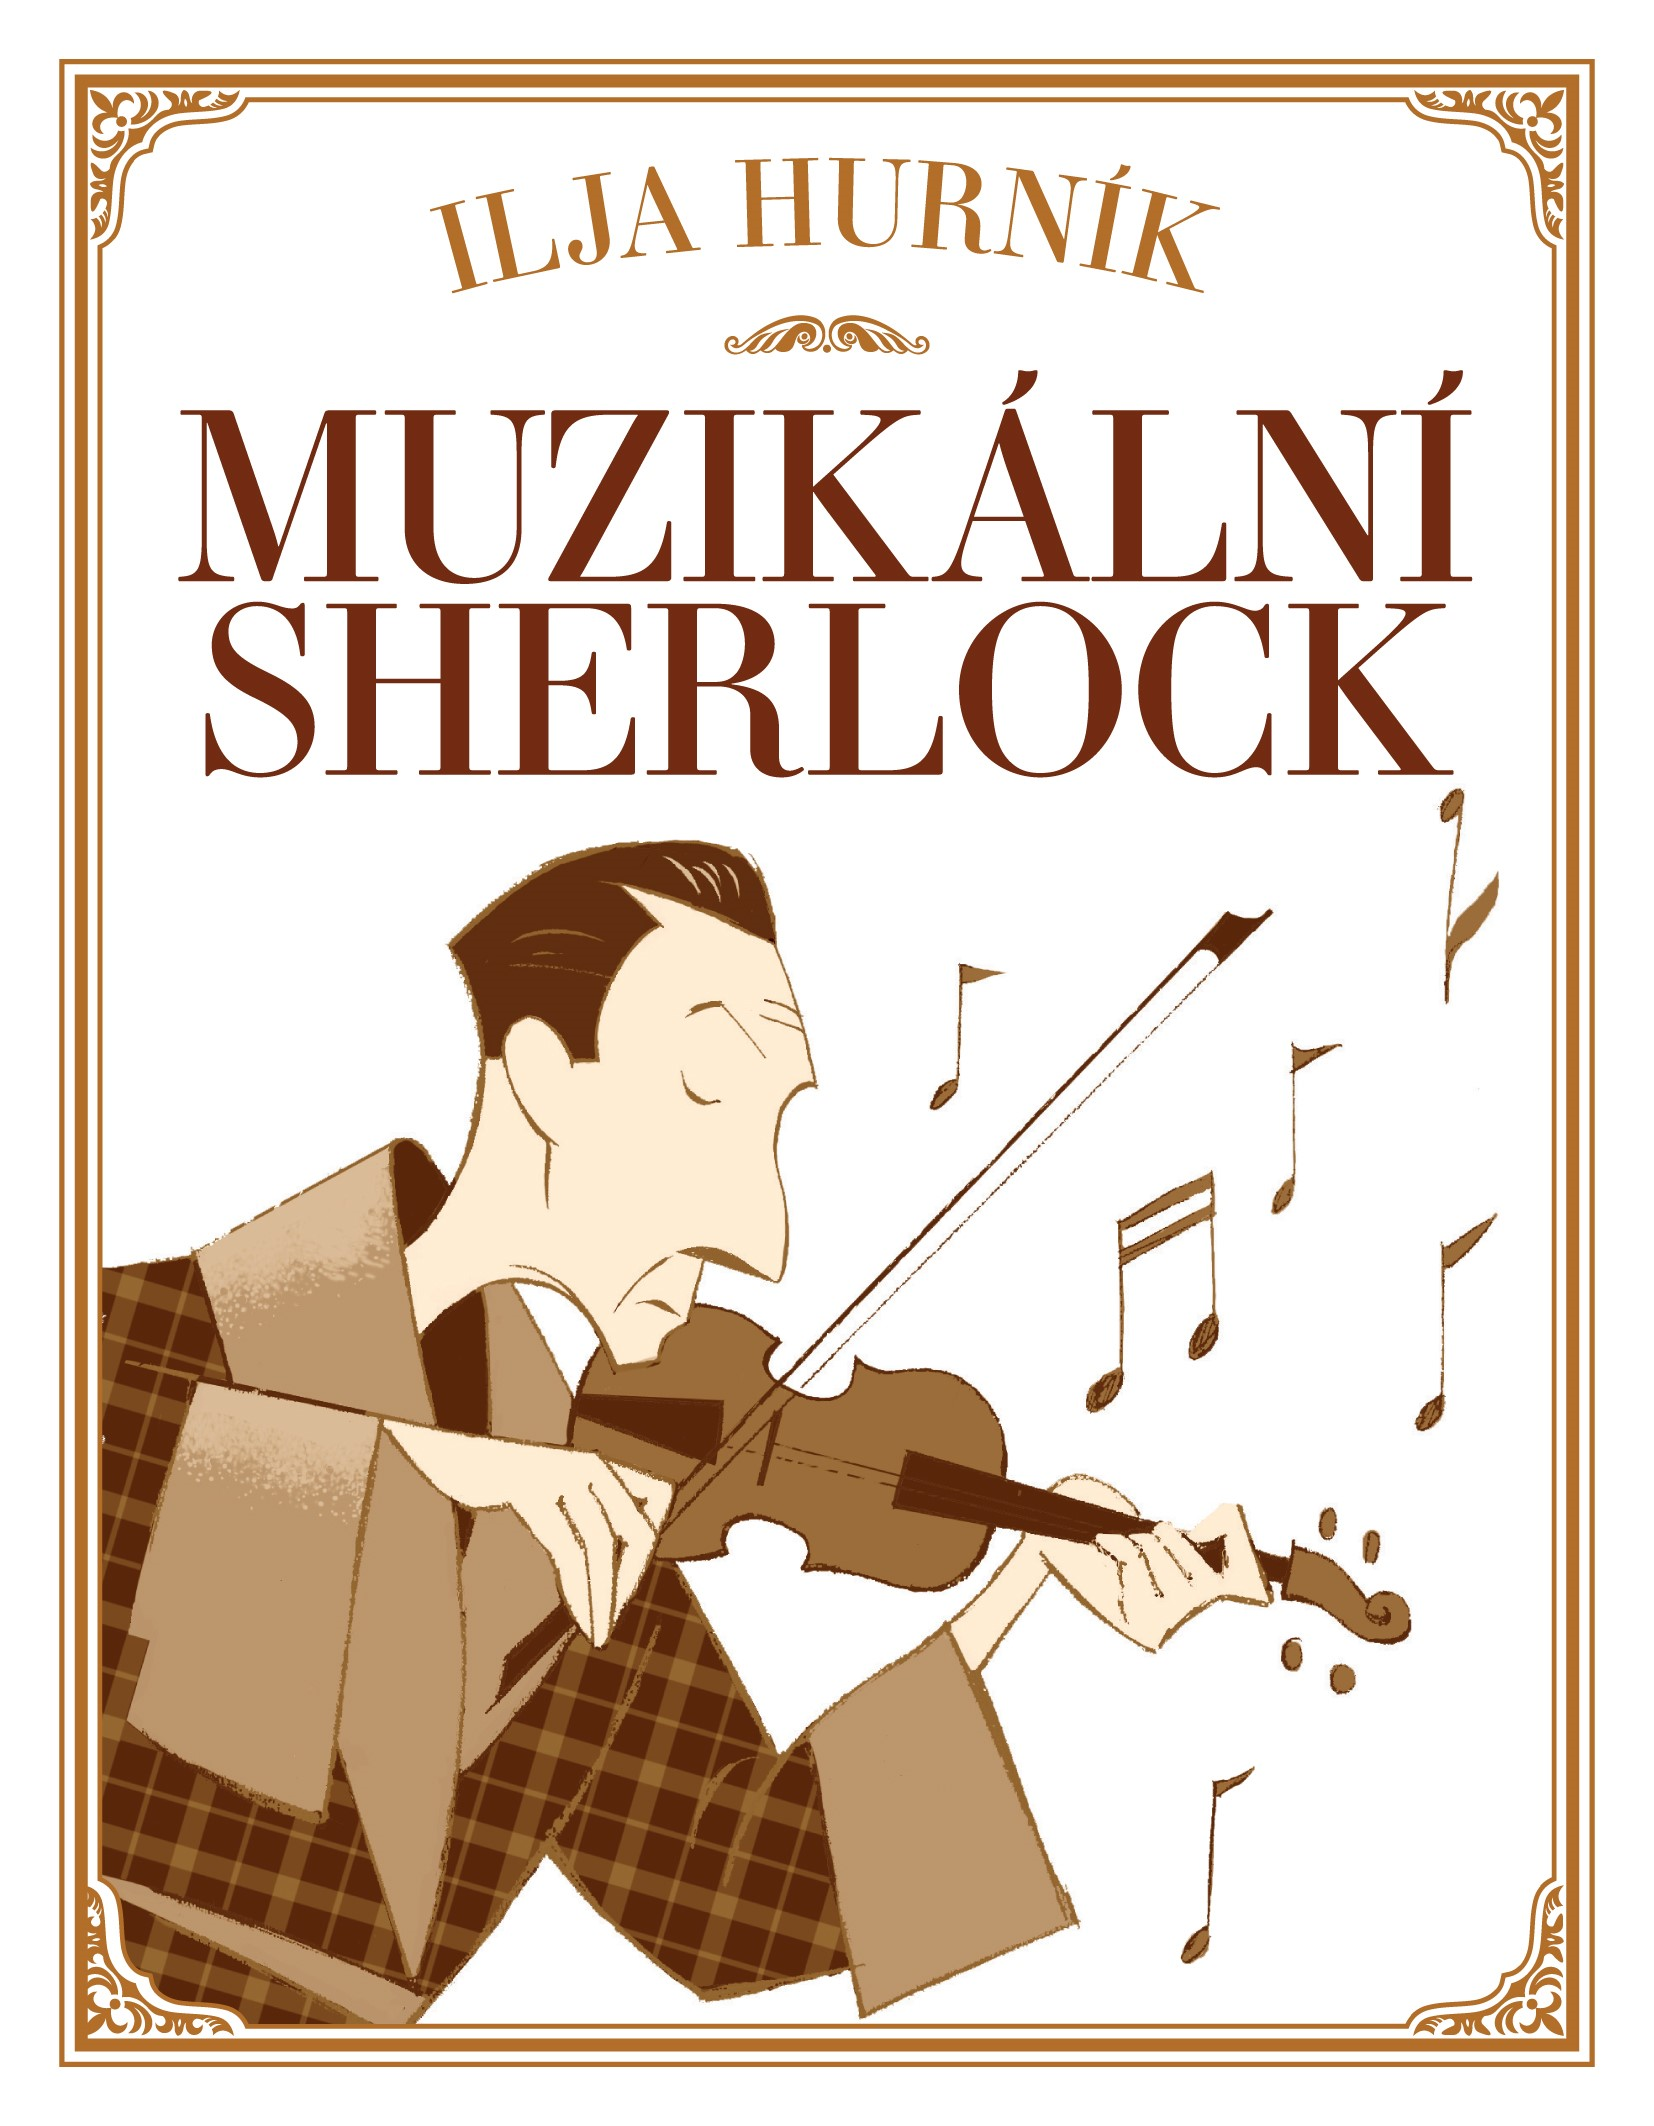 Muzikální Sherlock